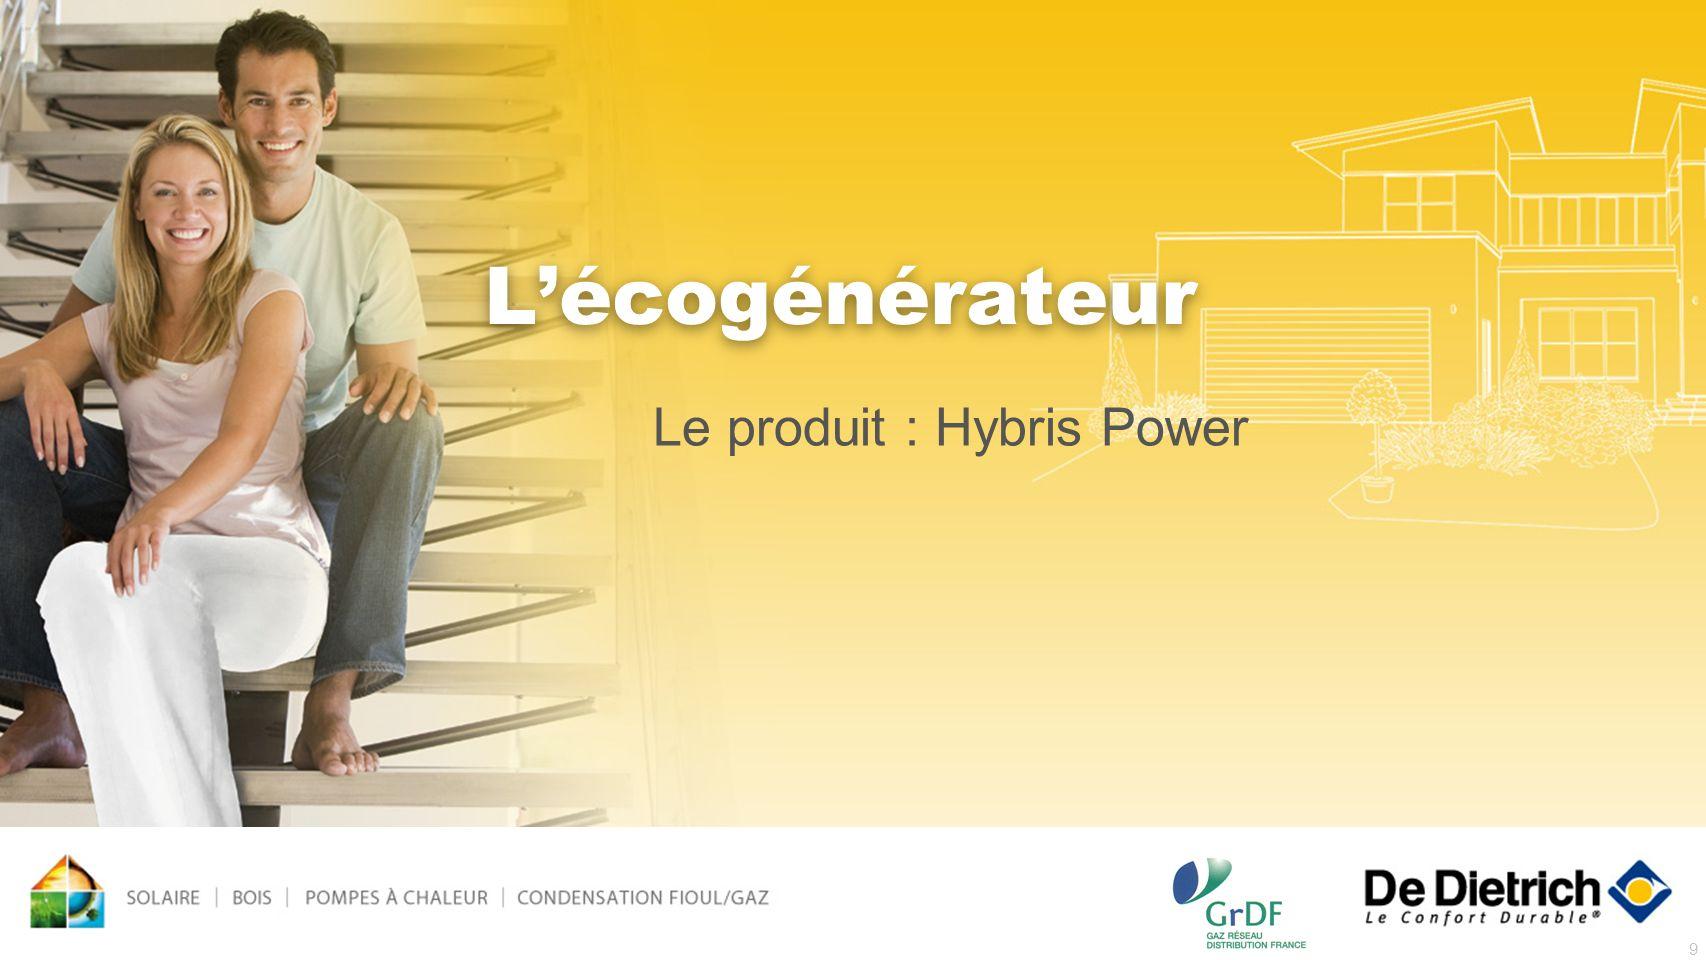 9 Lécogénérateur Le produit : Hybris Power